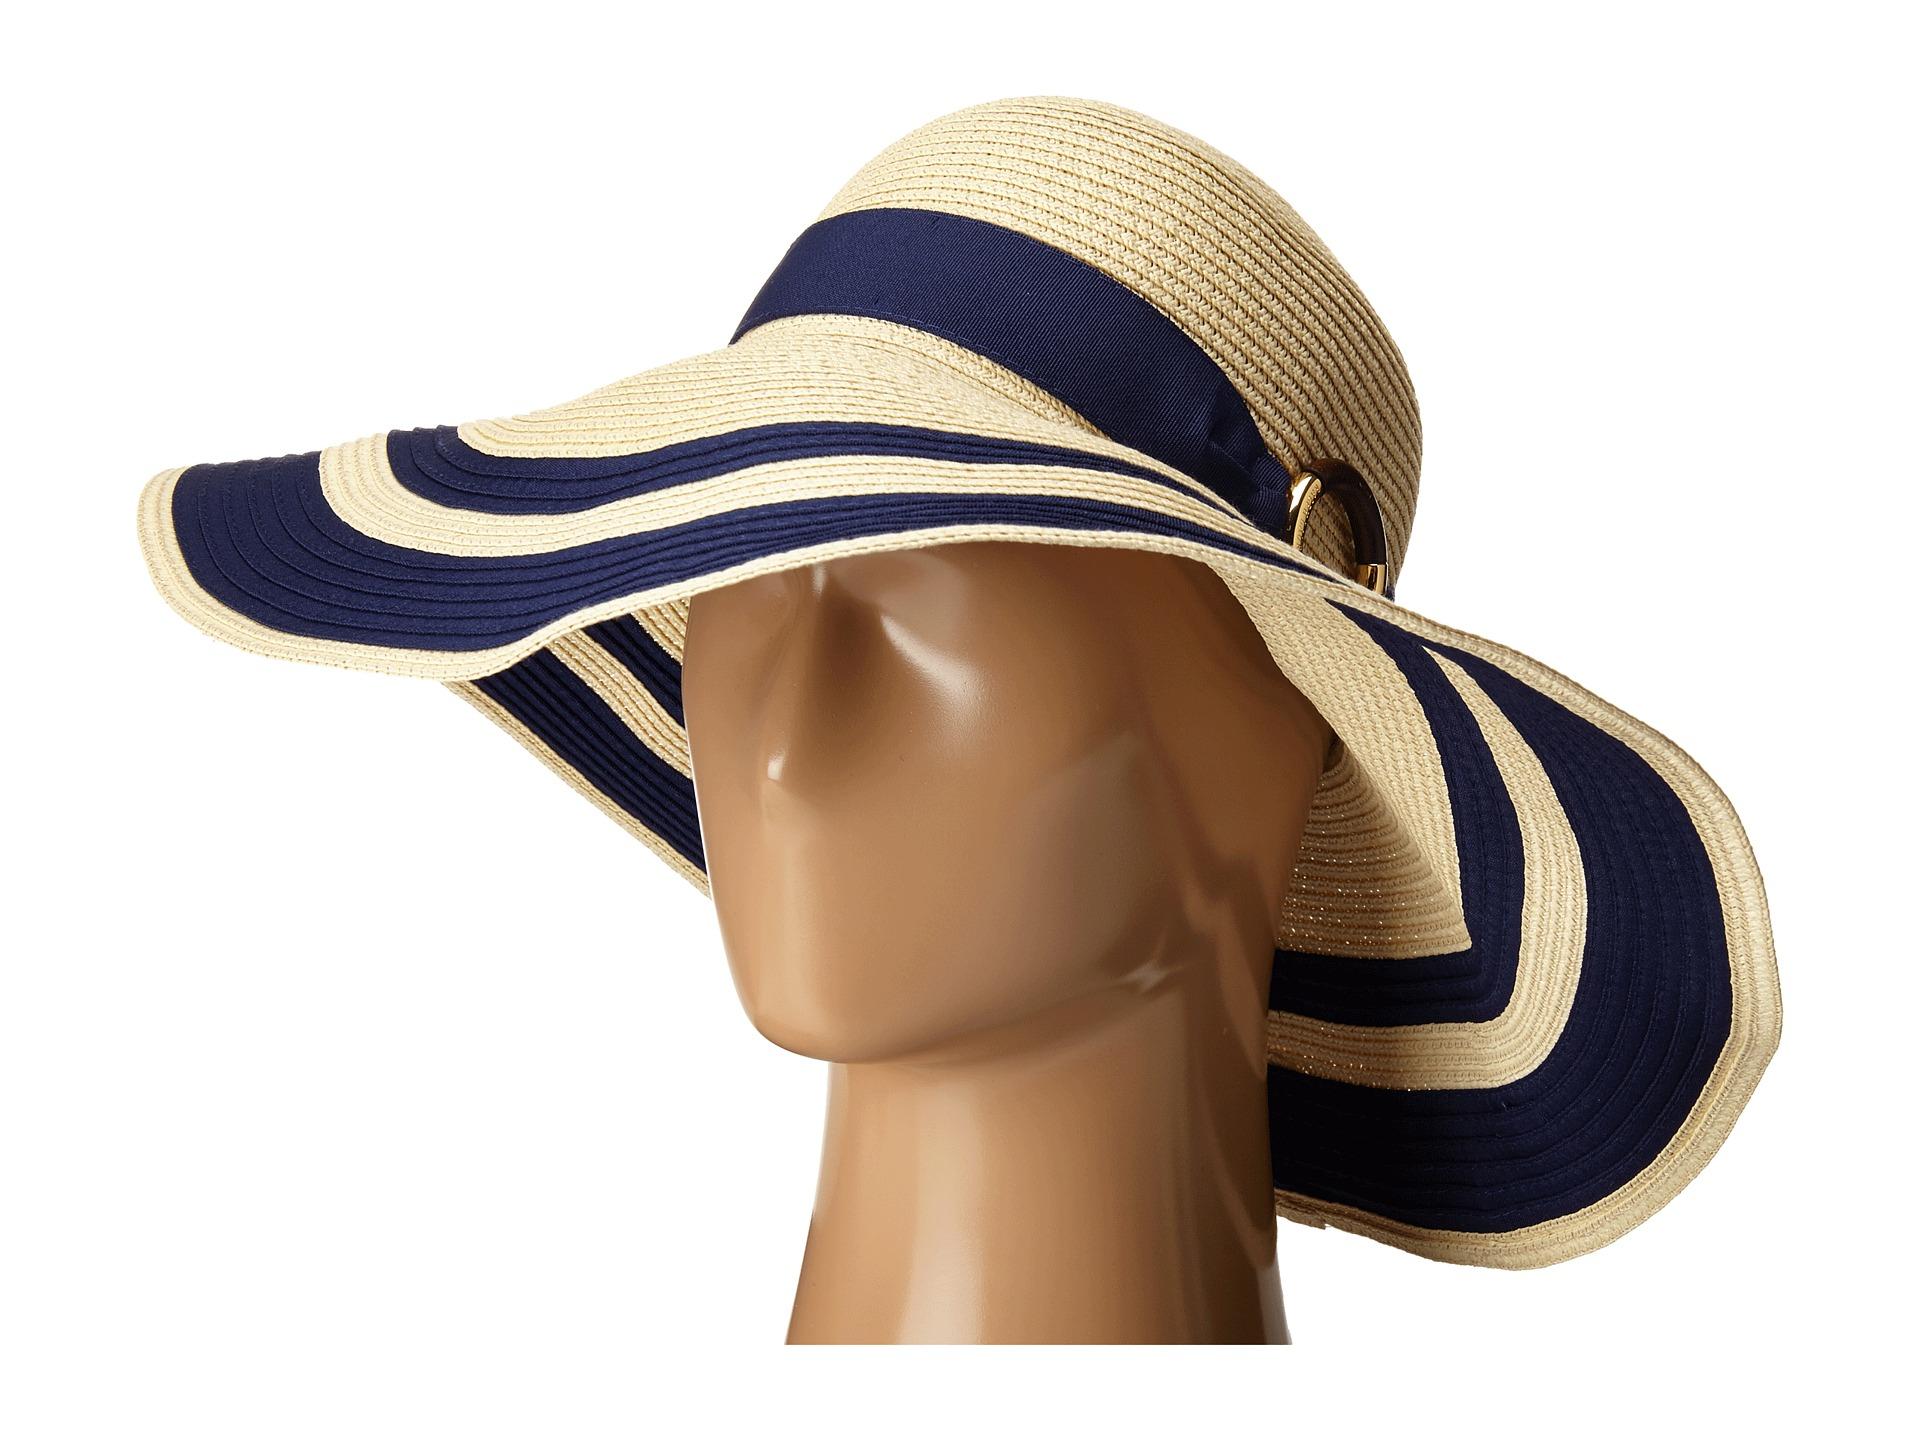 Lyst - Lauren by Ralph Lauren Paper Straw Bright   Natural Sun Hat ... 66bd32b9722a